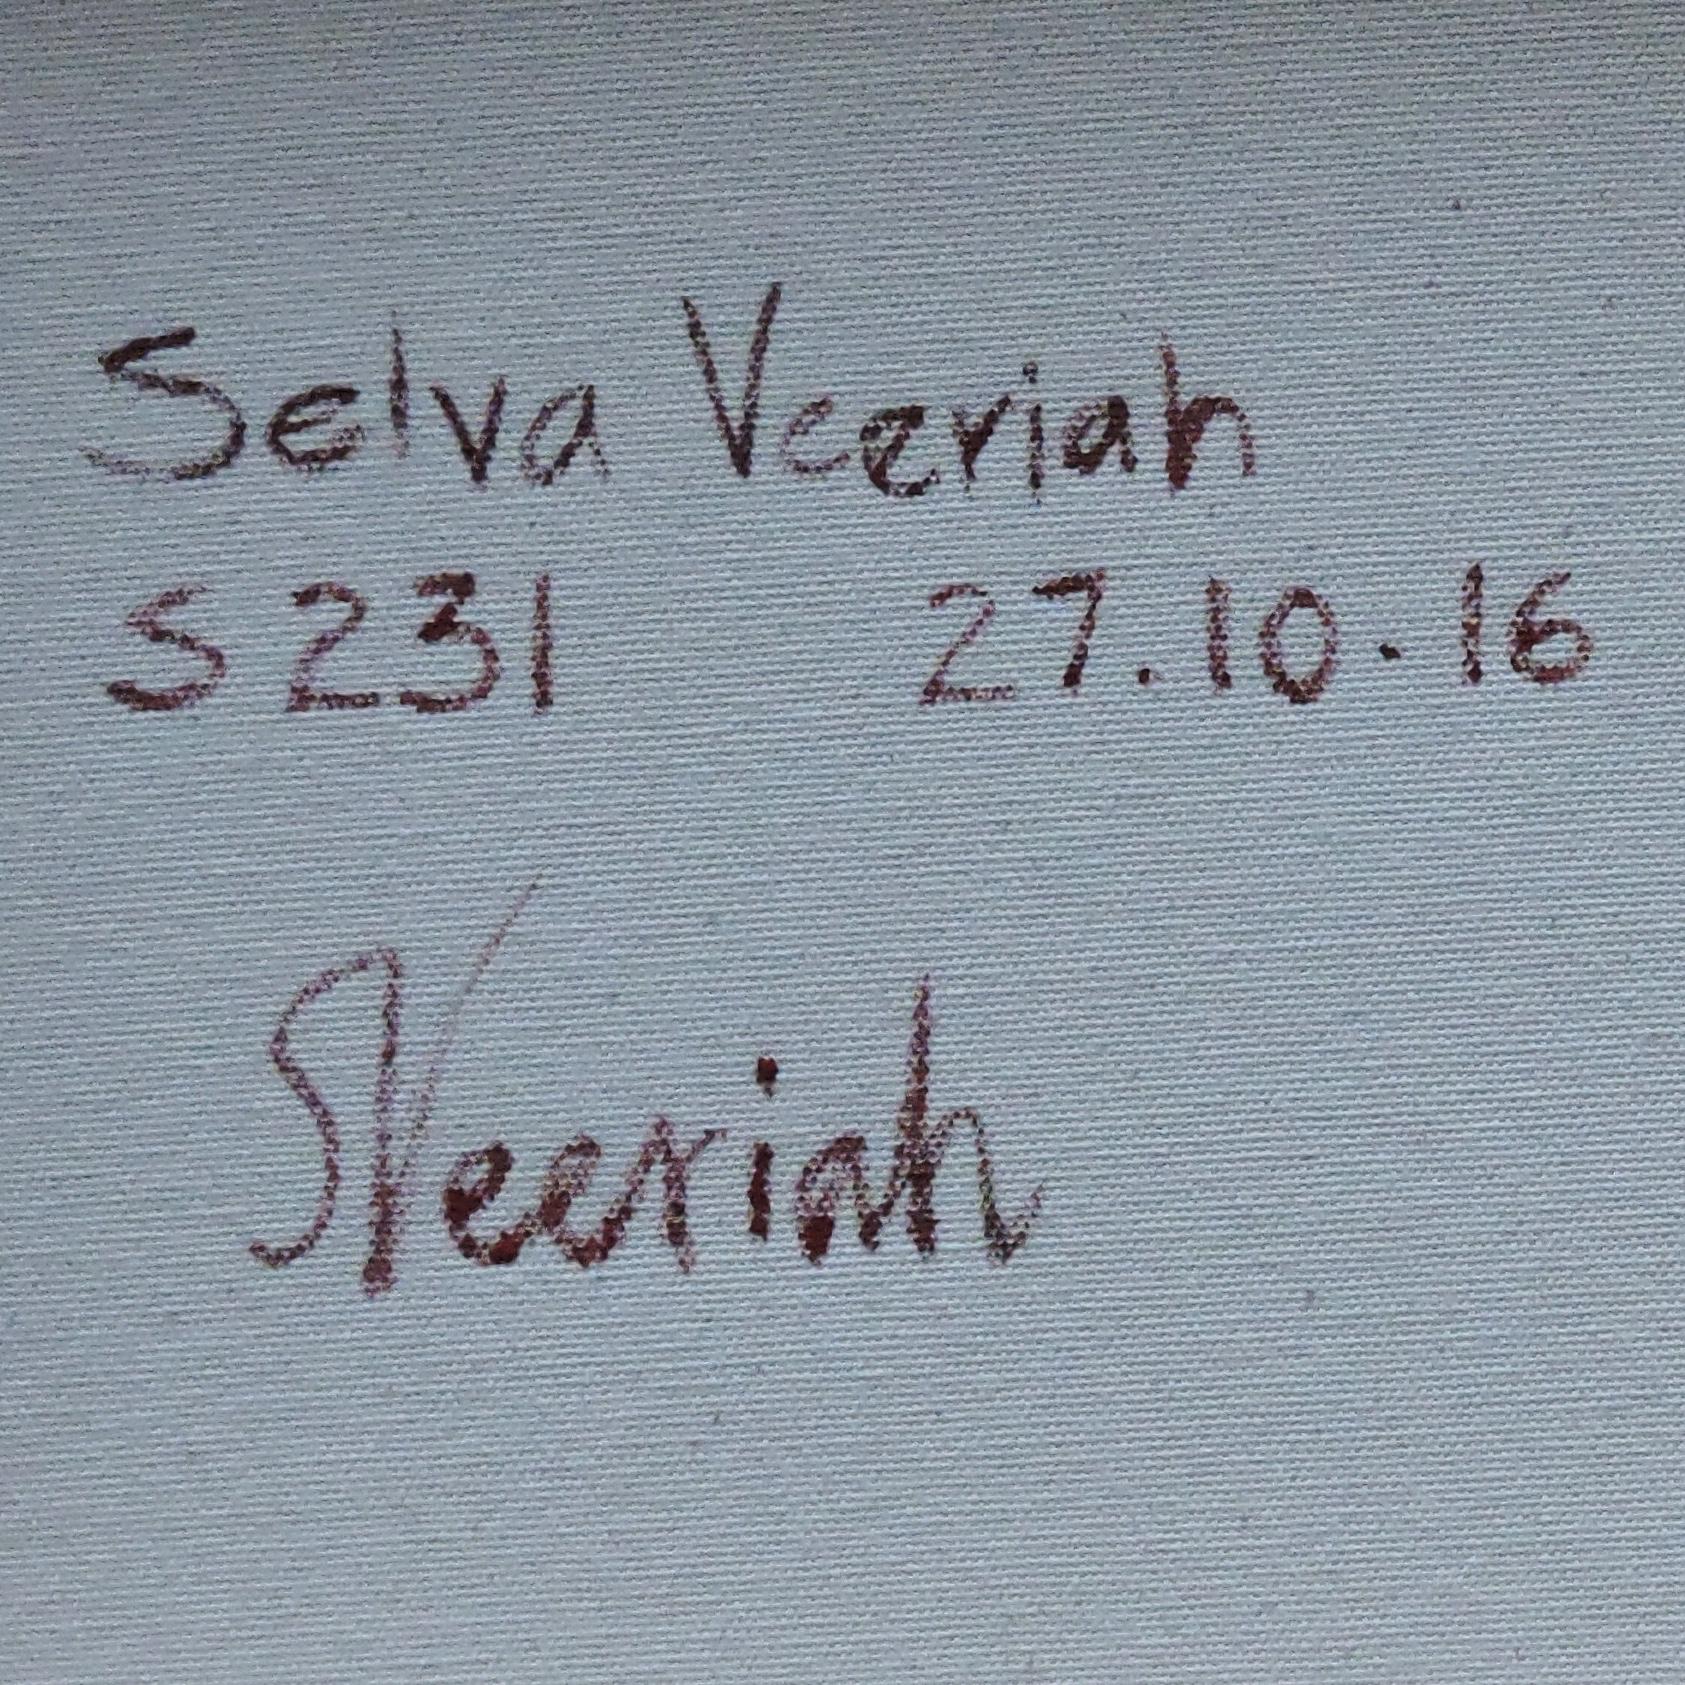 S231 Close-up (Signature)